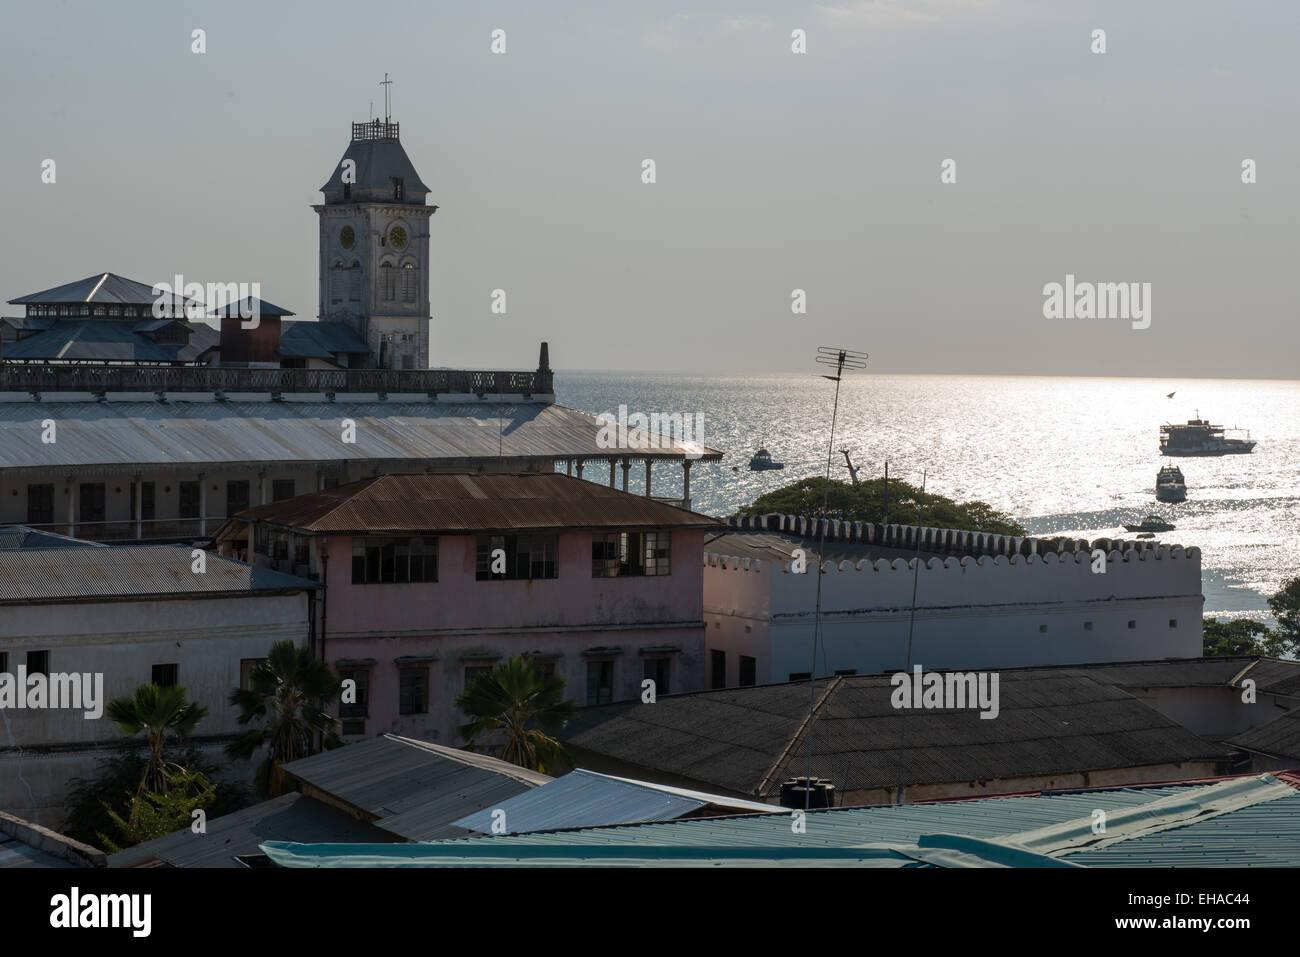 Zanzibar, Stone Town, Sunset  Over House of Wonders - Stock Image